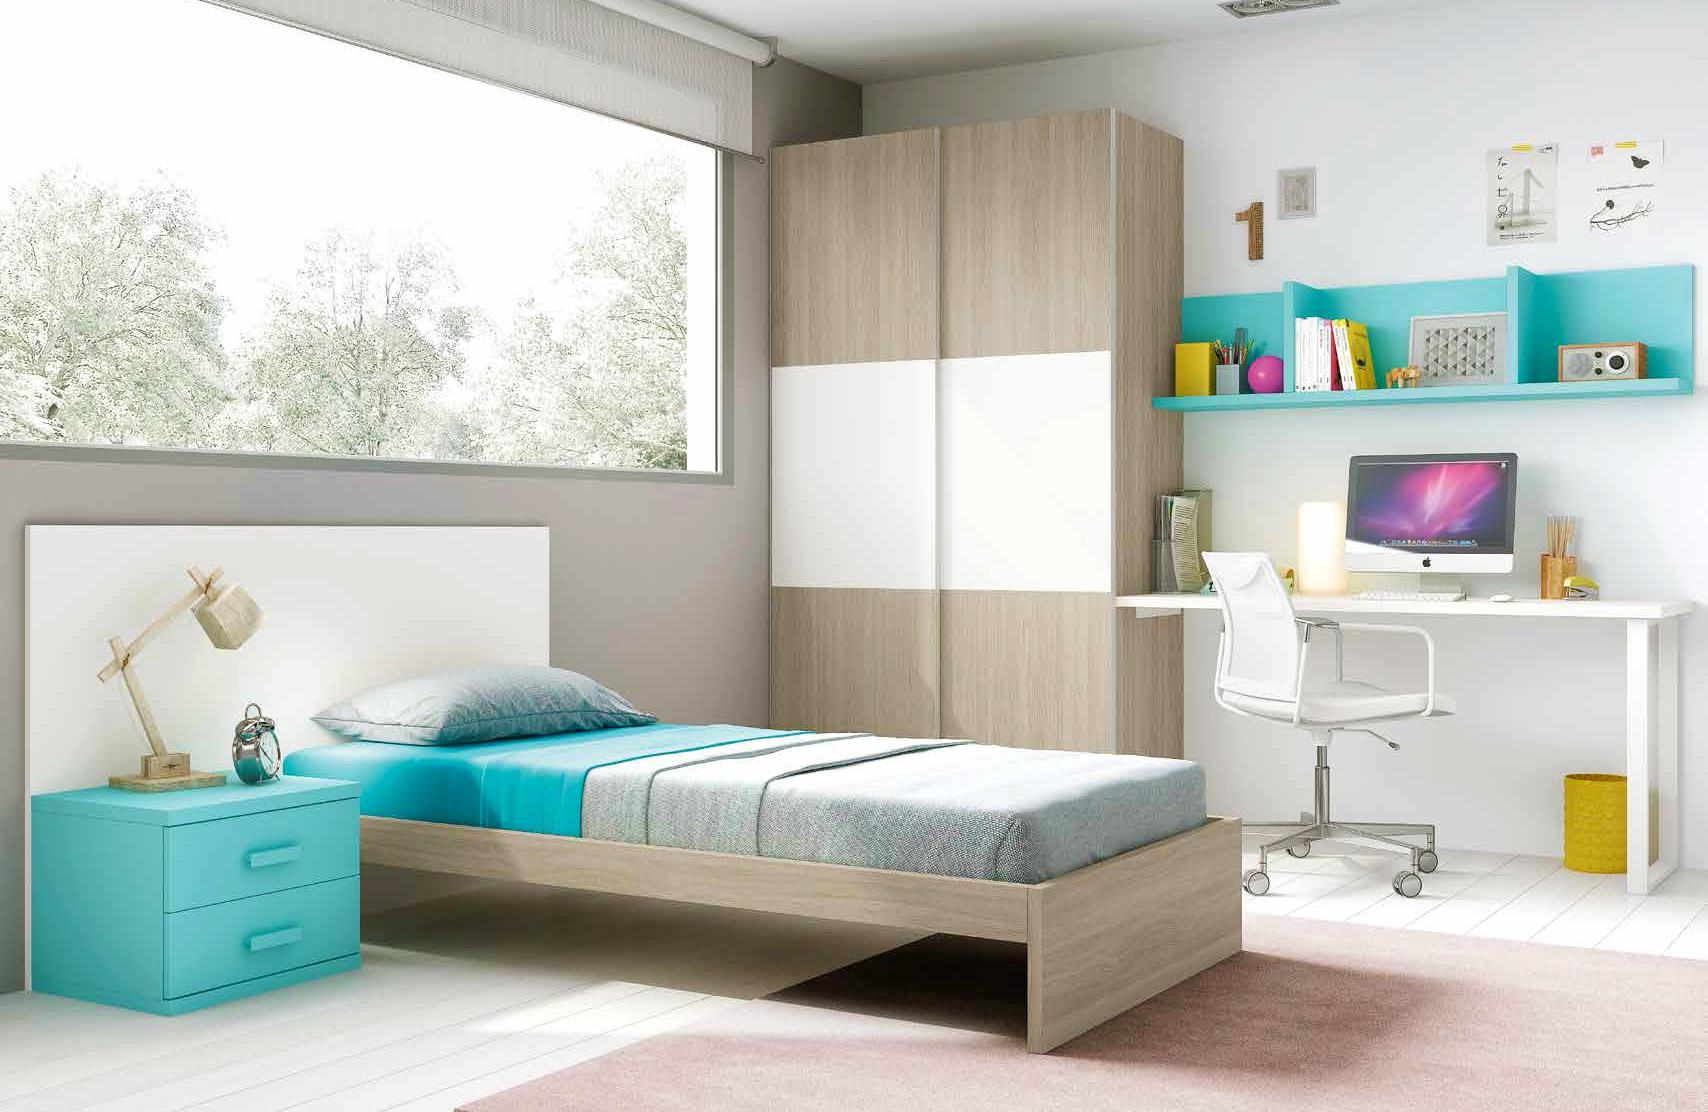 chambre enfant avec un lit 1 personne fun et pure glicerio so nuit. Black Bedroom Furniture Sets. Home Design Ideas